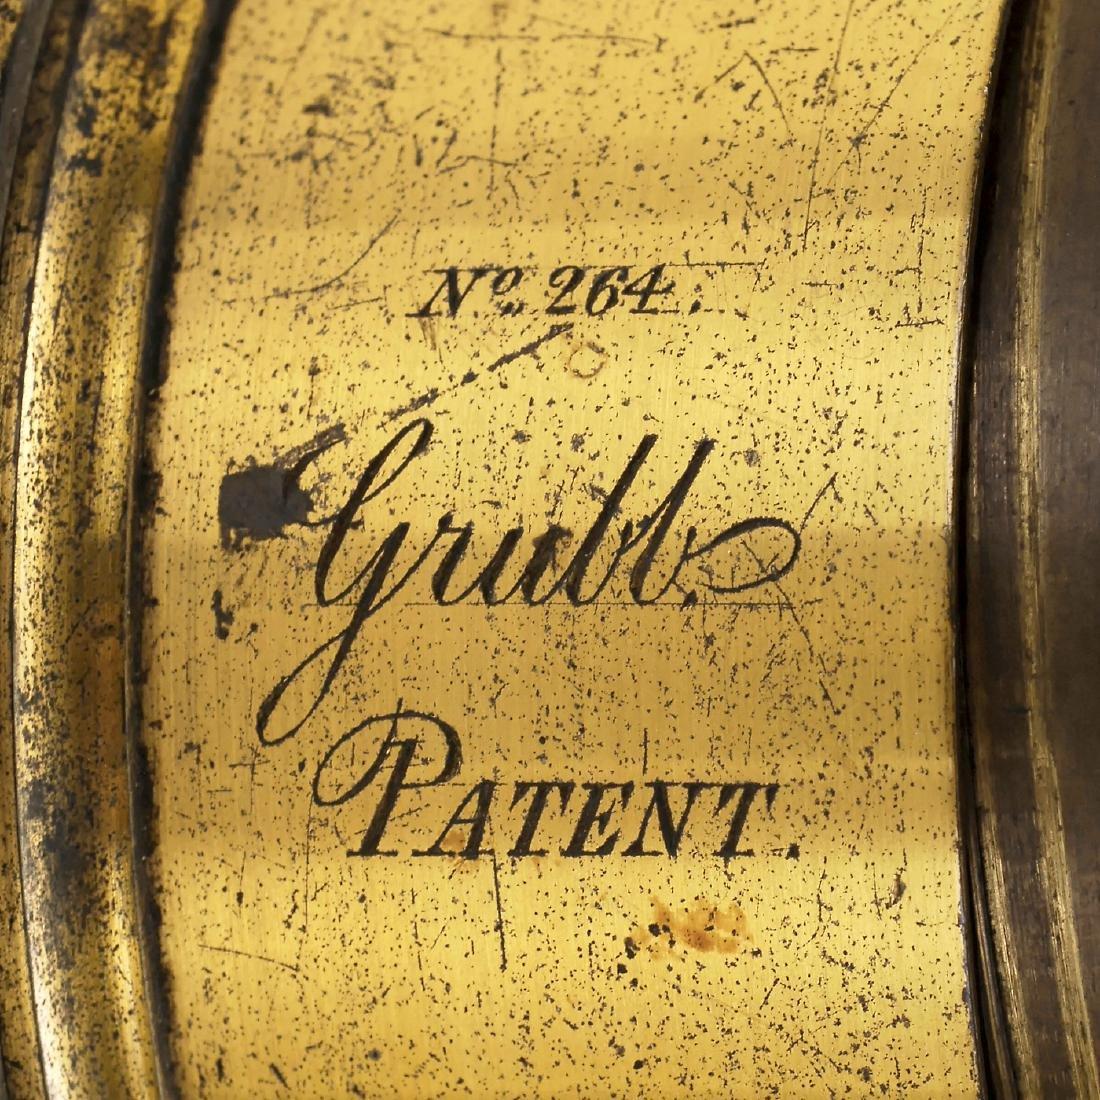 Grubbs Patent Aplanatic Landscape Lens, c. 1855 - 2